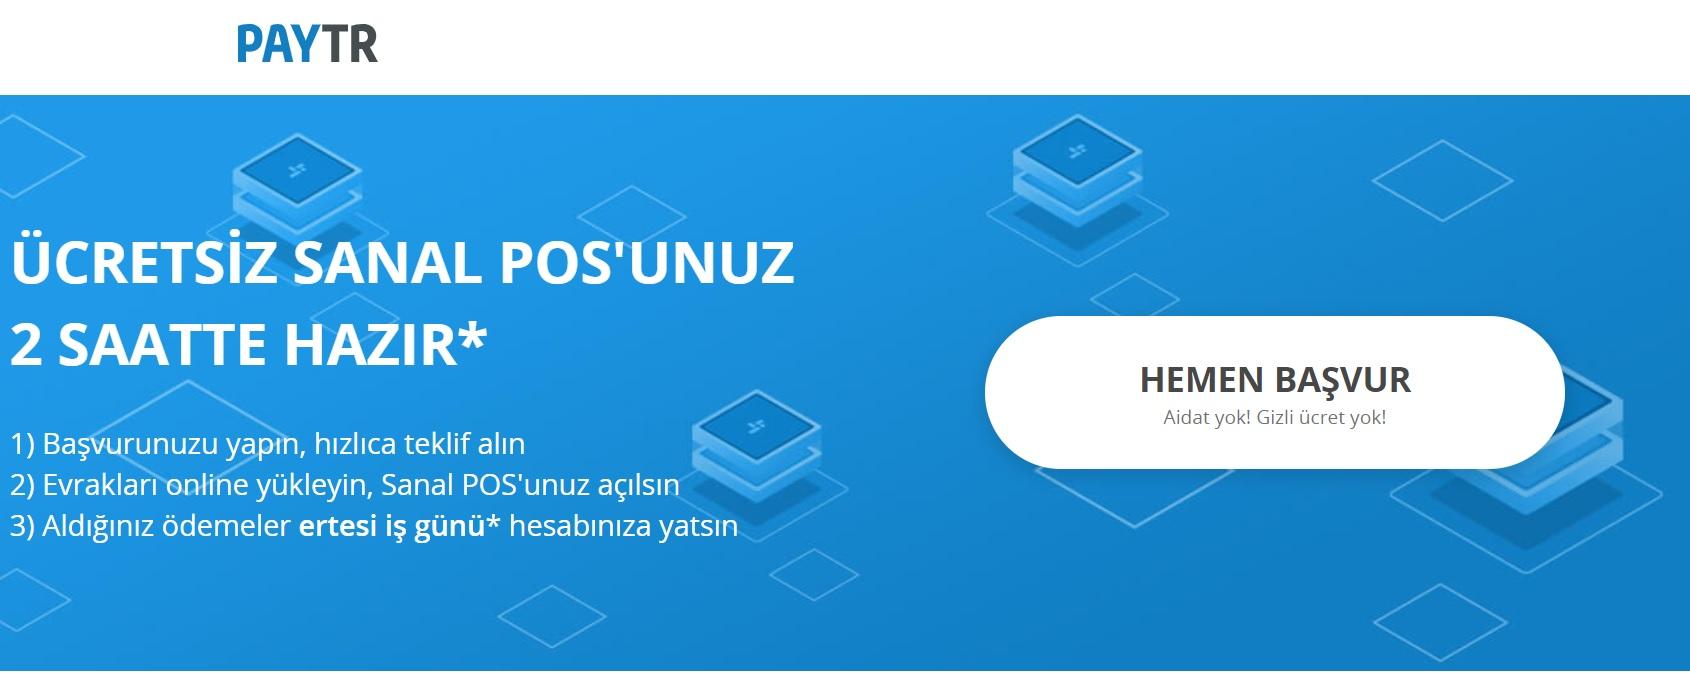 Türk mühendislerinin geliştirdiği PayTR, Actera İle Anlaşma İmzaladı